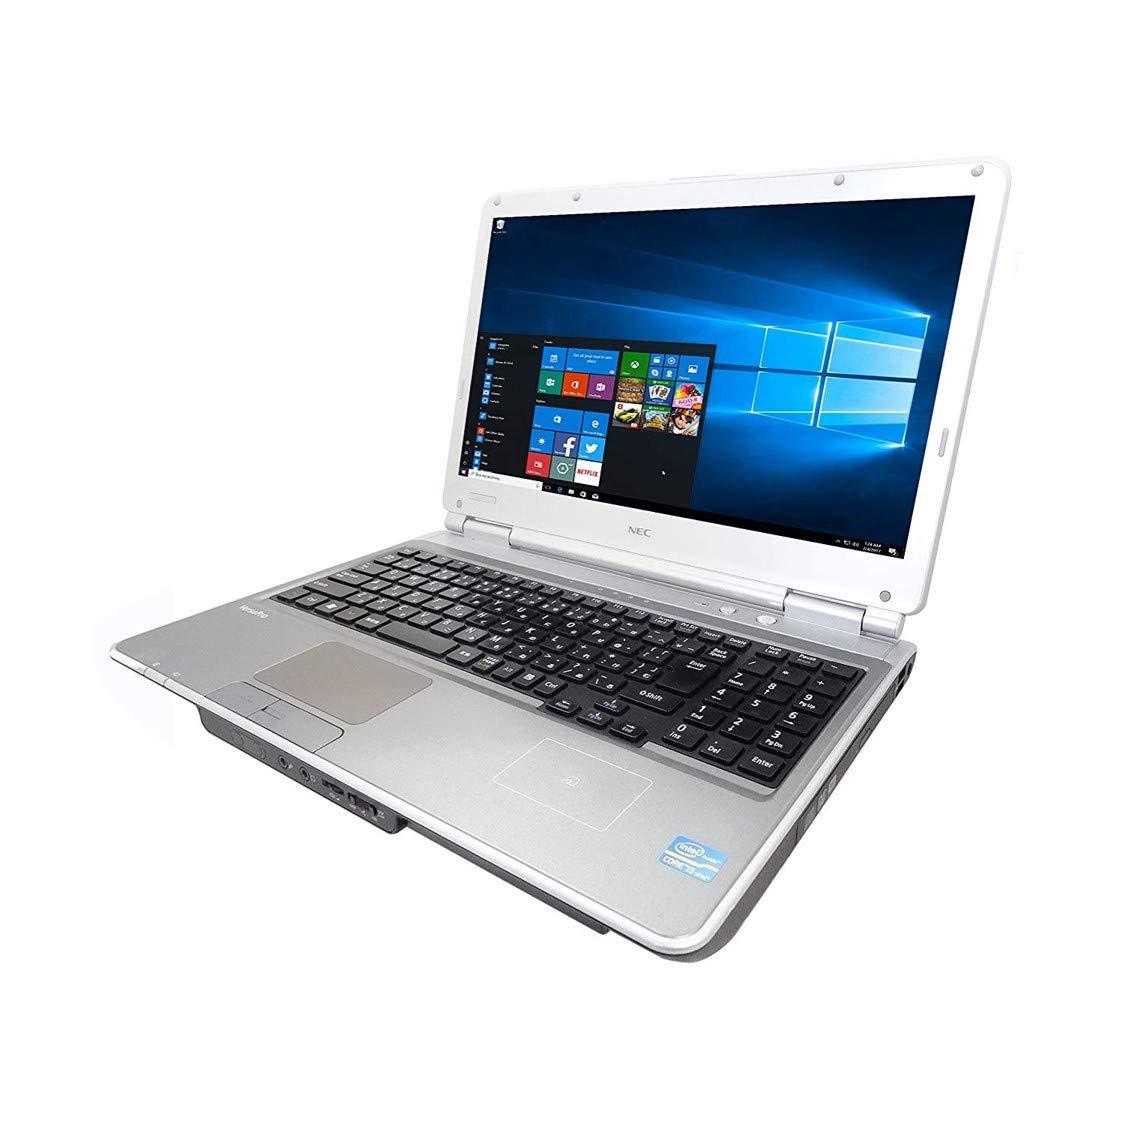 超激安 【Microsoft VX-F/第三世代Core Office 2016搭載】【Win 10搭載 10搭載】NEC】NEC VX-F i5-3310M/第三世代Core i5-3310M 2.5GHz/超大容量メモリー8GB/新品SSD:240GB/DVDスーパーマルチ/10キー付/大画面15インチ/無線LAN搭載/中古ノートパソコン (新品SSD:240GB) B0773PKGR1 新品SSD:120GB 新品SSD:120GB, LAVIEENROSE:1cb4f212 --- arbimovel.dominiotemporario.com